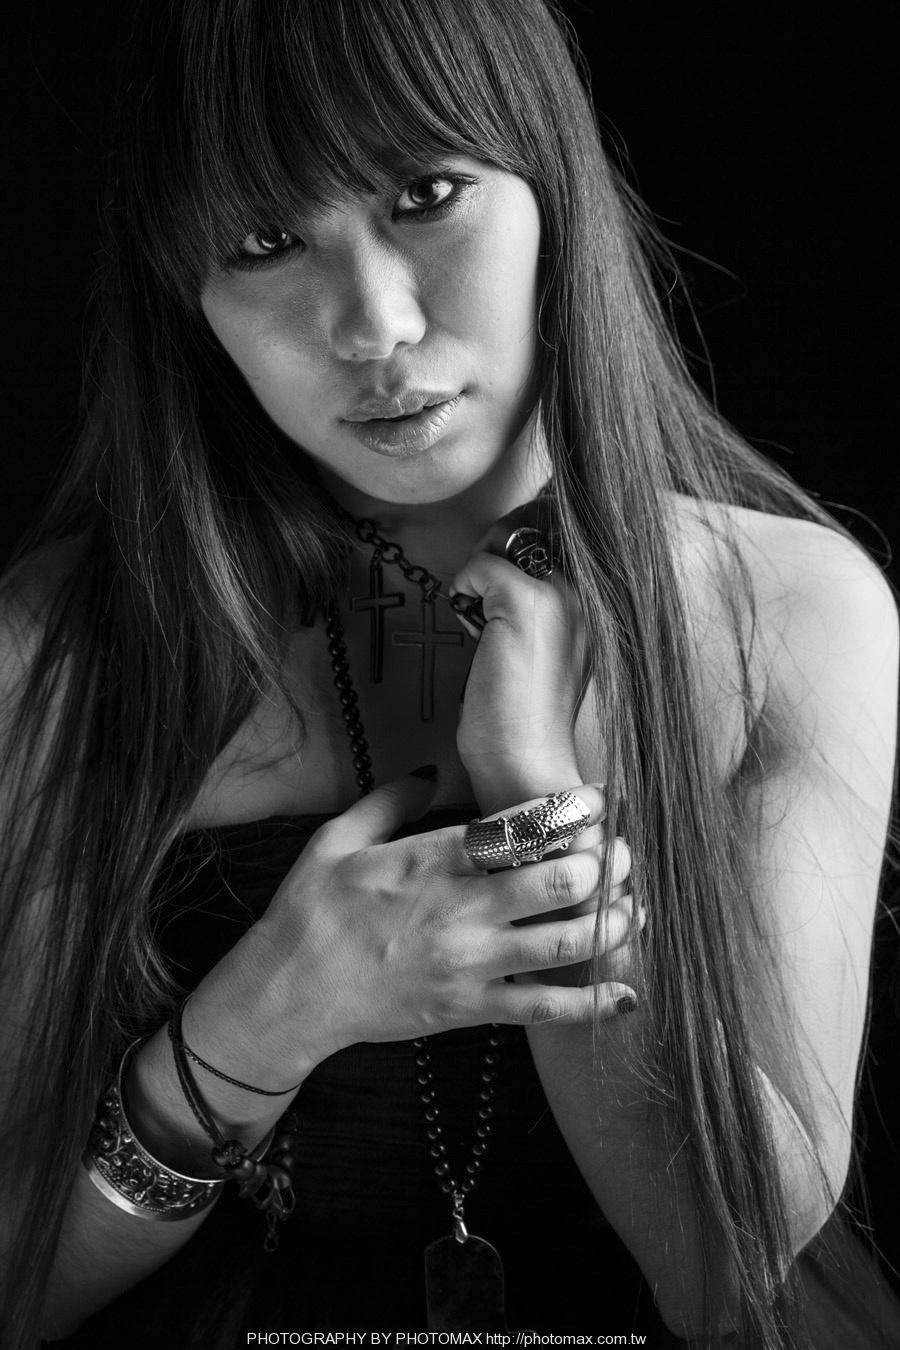 顏妍 PHOTO MAX 老麦摄影 PHOTOMAX 非主流写真 摇滚 贝斯手 (13)